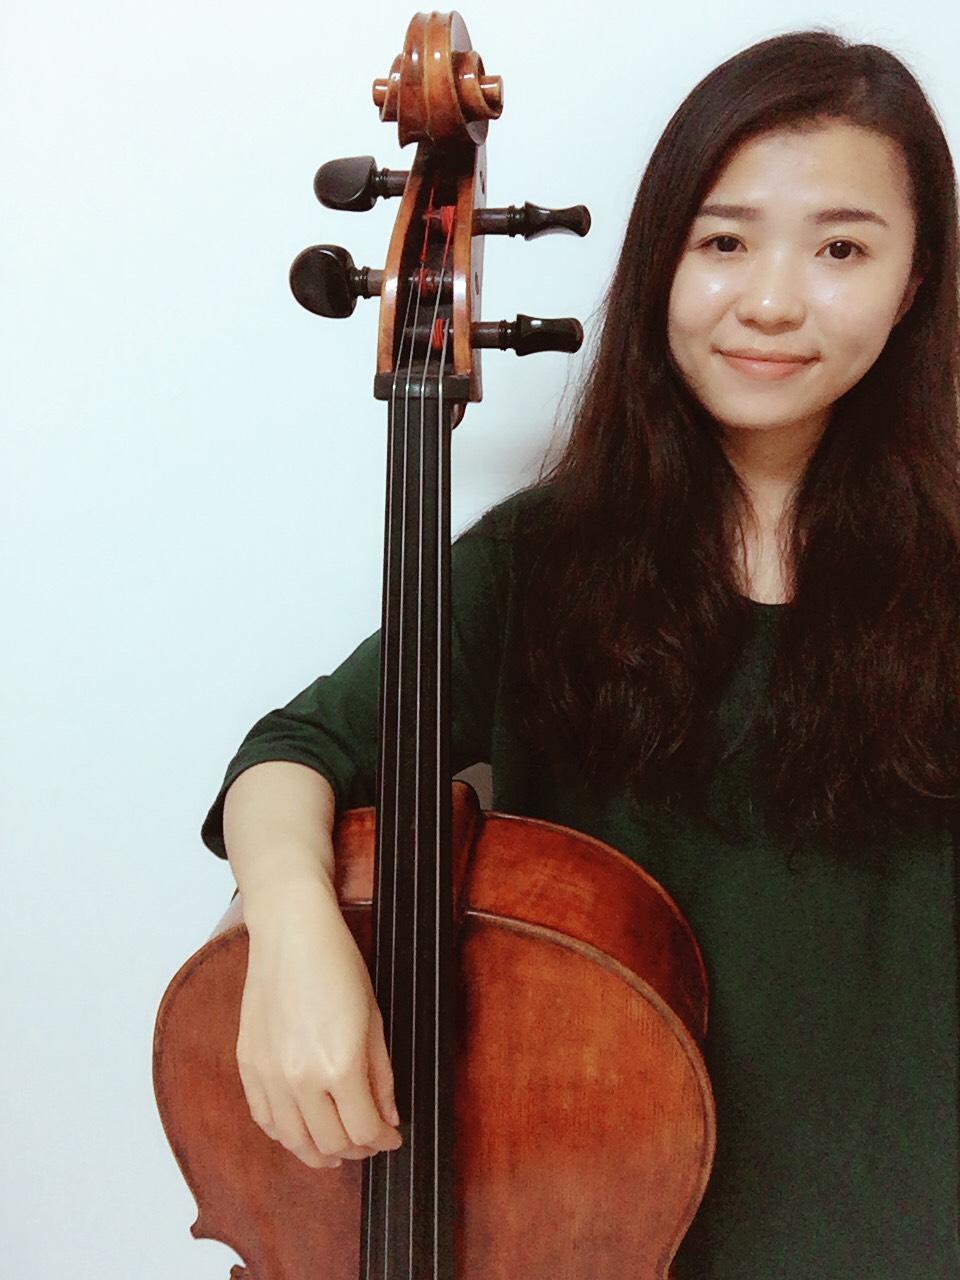 高雄大提琴教學,台南大提琴家教,高雄大提琴老師